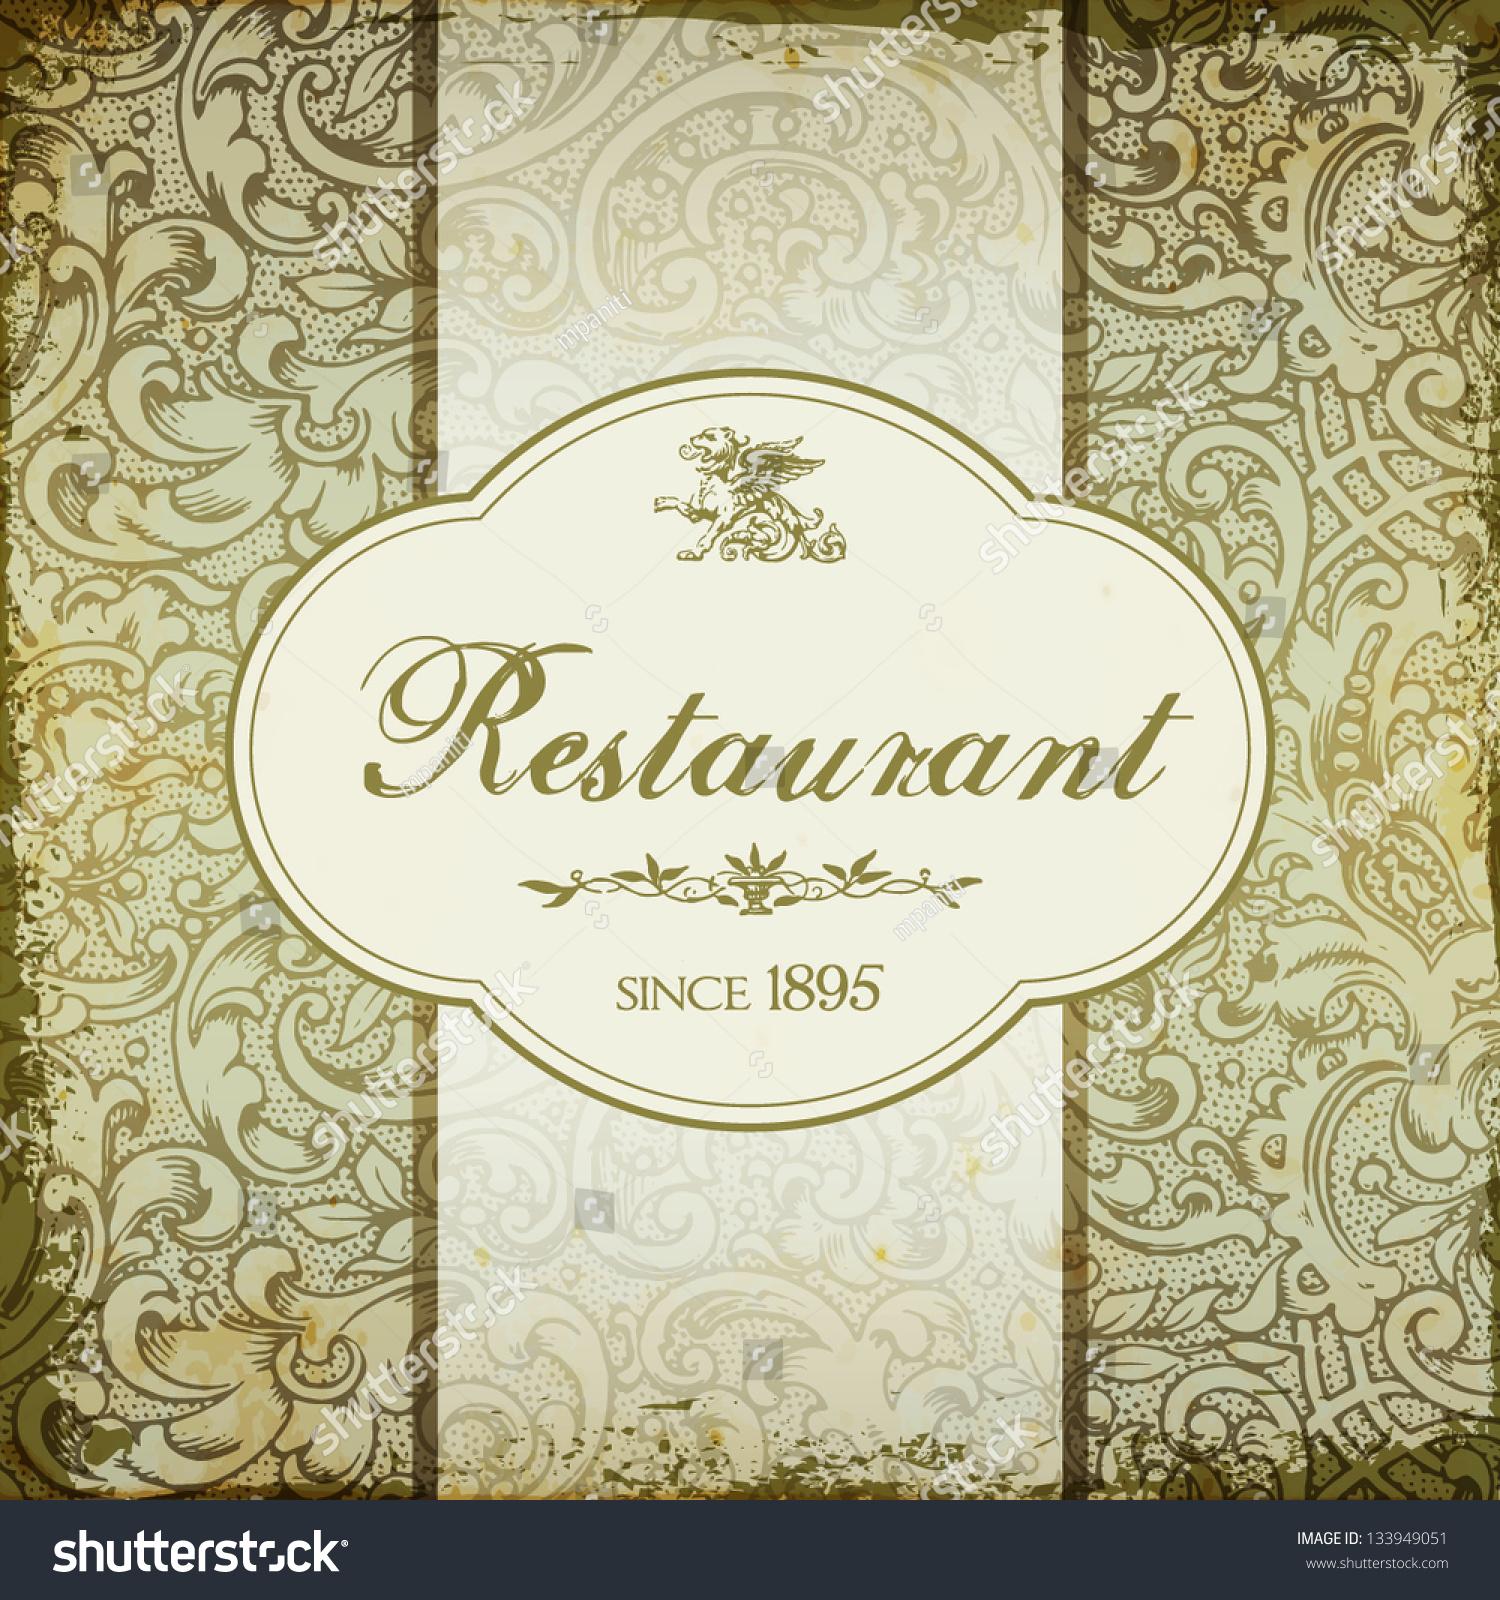 Vintage Elegant Restaurant Menu Card Floral Stock Vector